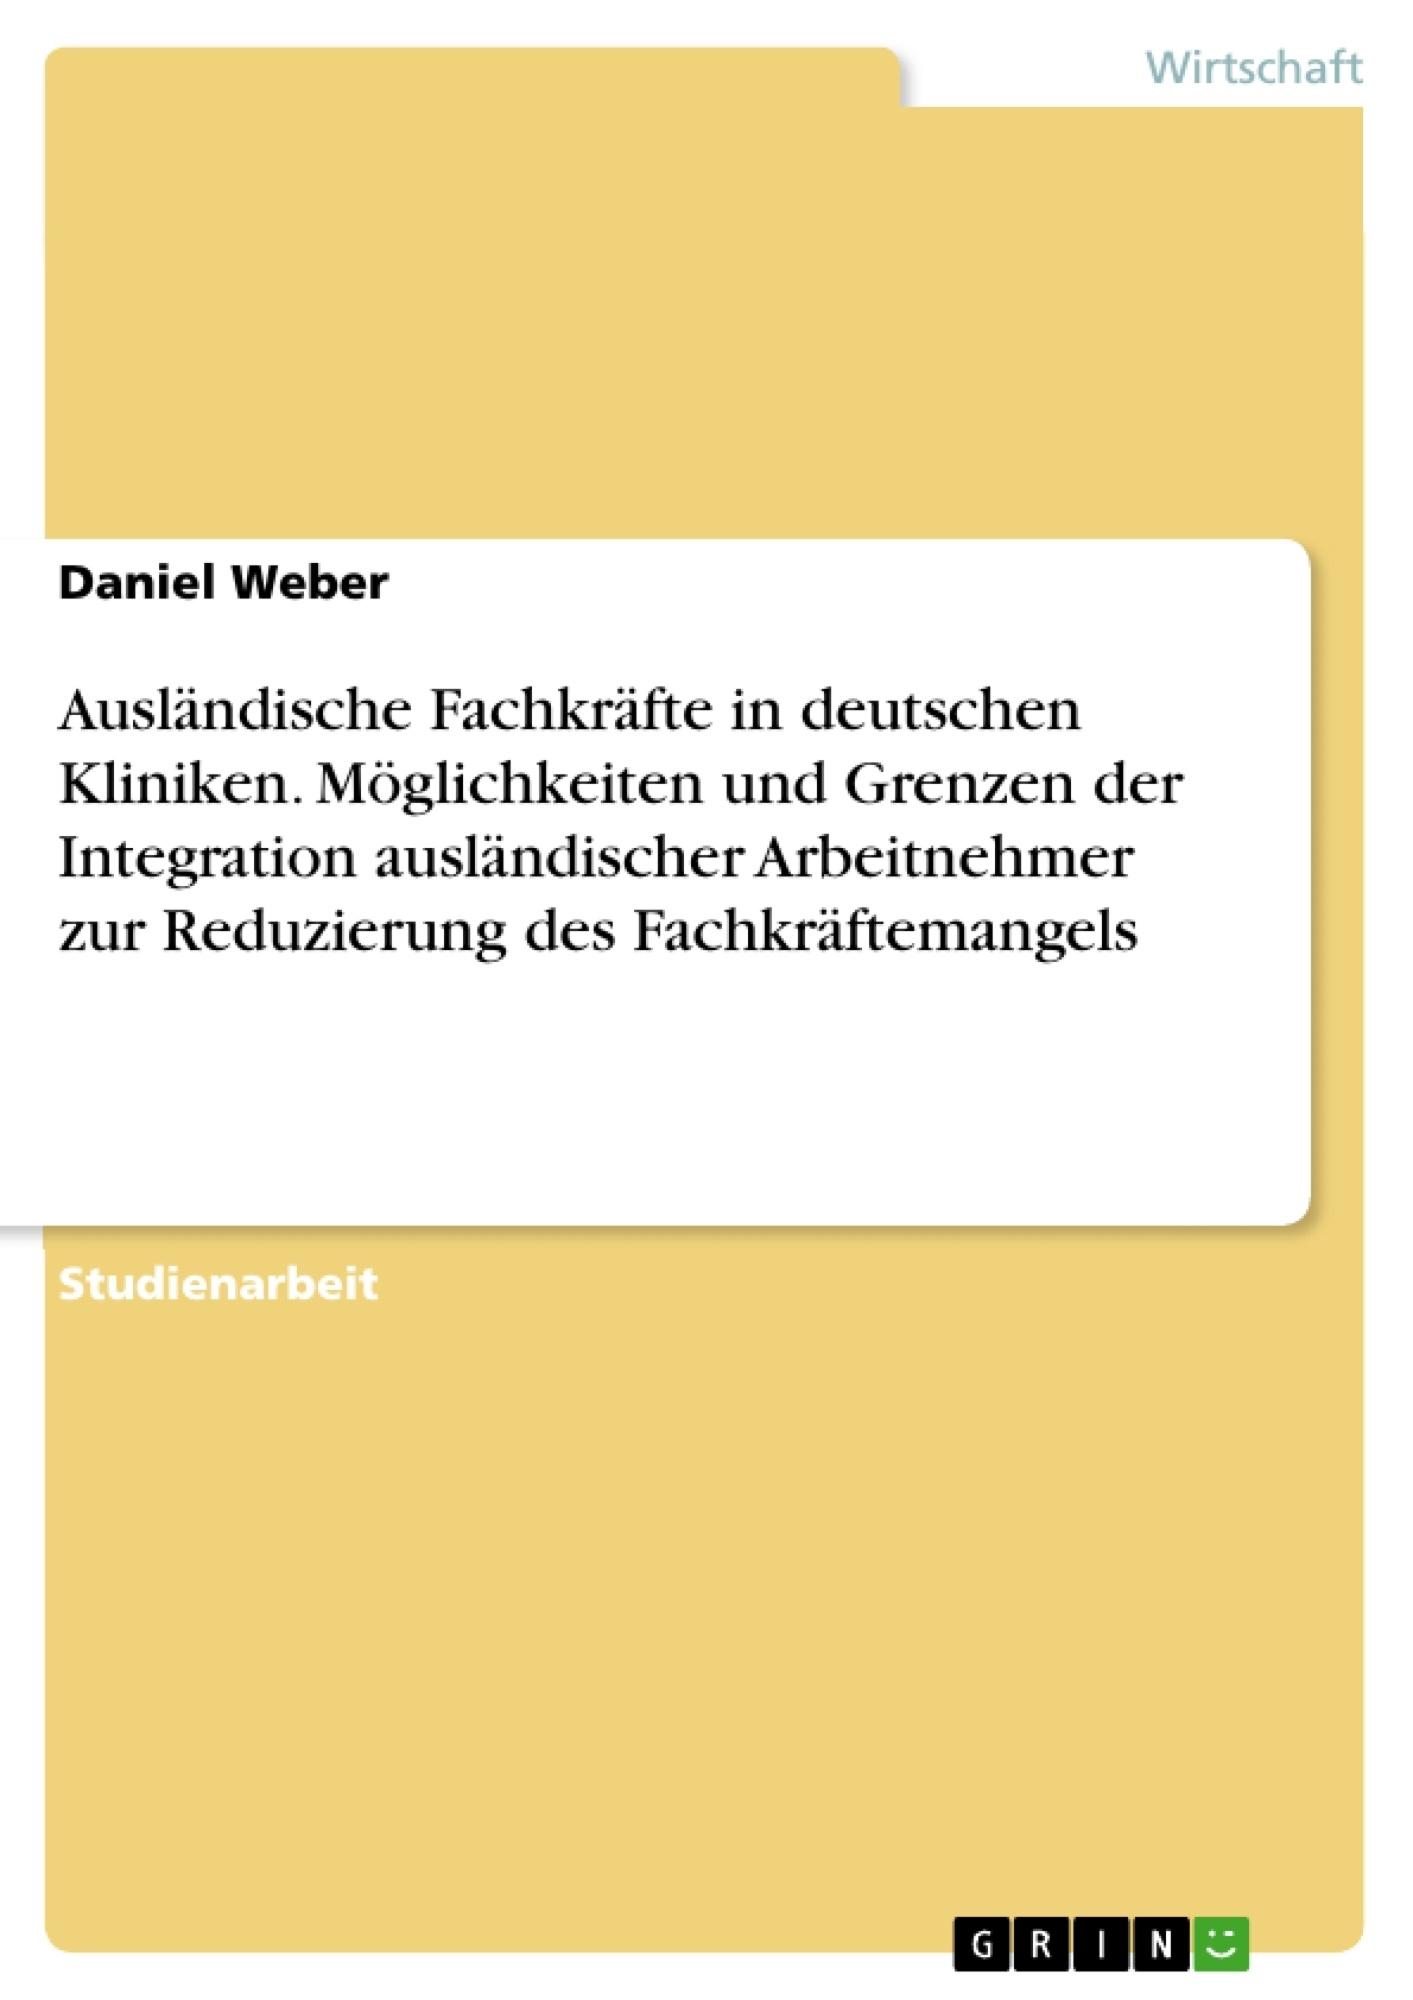 Titel: Ausländische Fachkräfte in deutschen Kliniken. Möglichkeiten und Grenzen der Integration ausländischer Arbeitnehmer zur Reduzierung des Fachkräftemangels